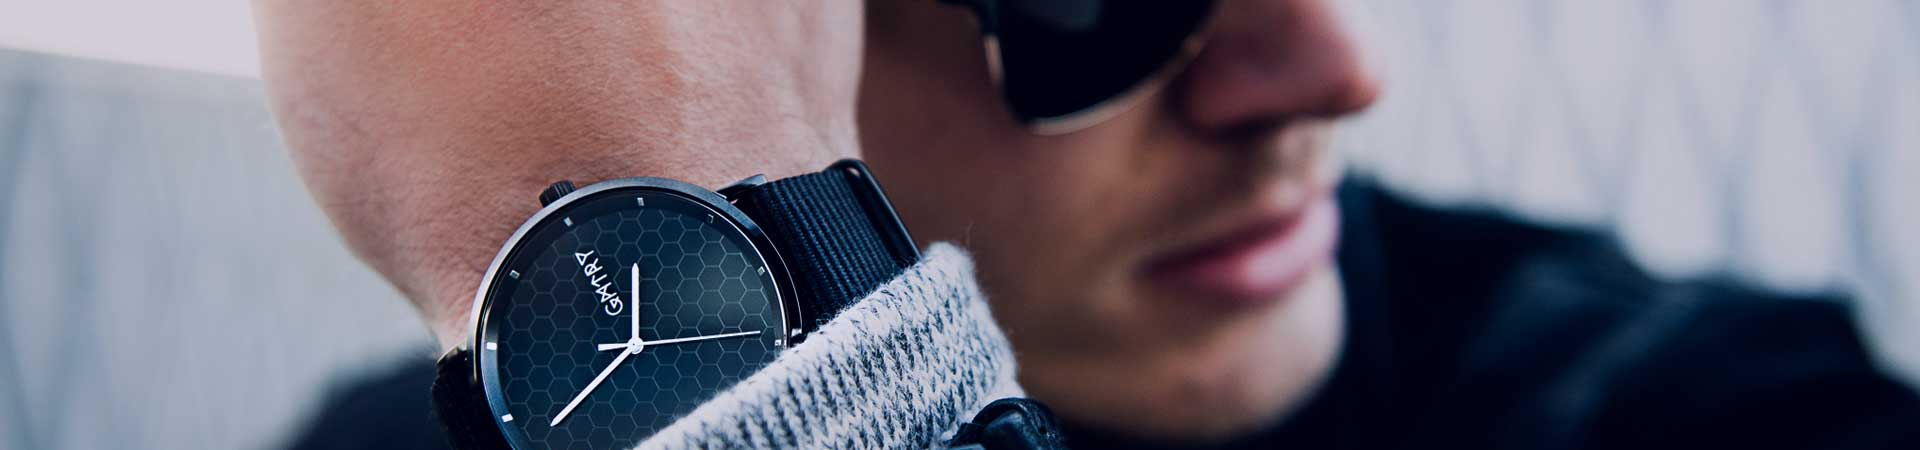 Watches Man